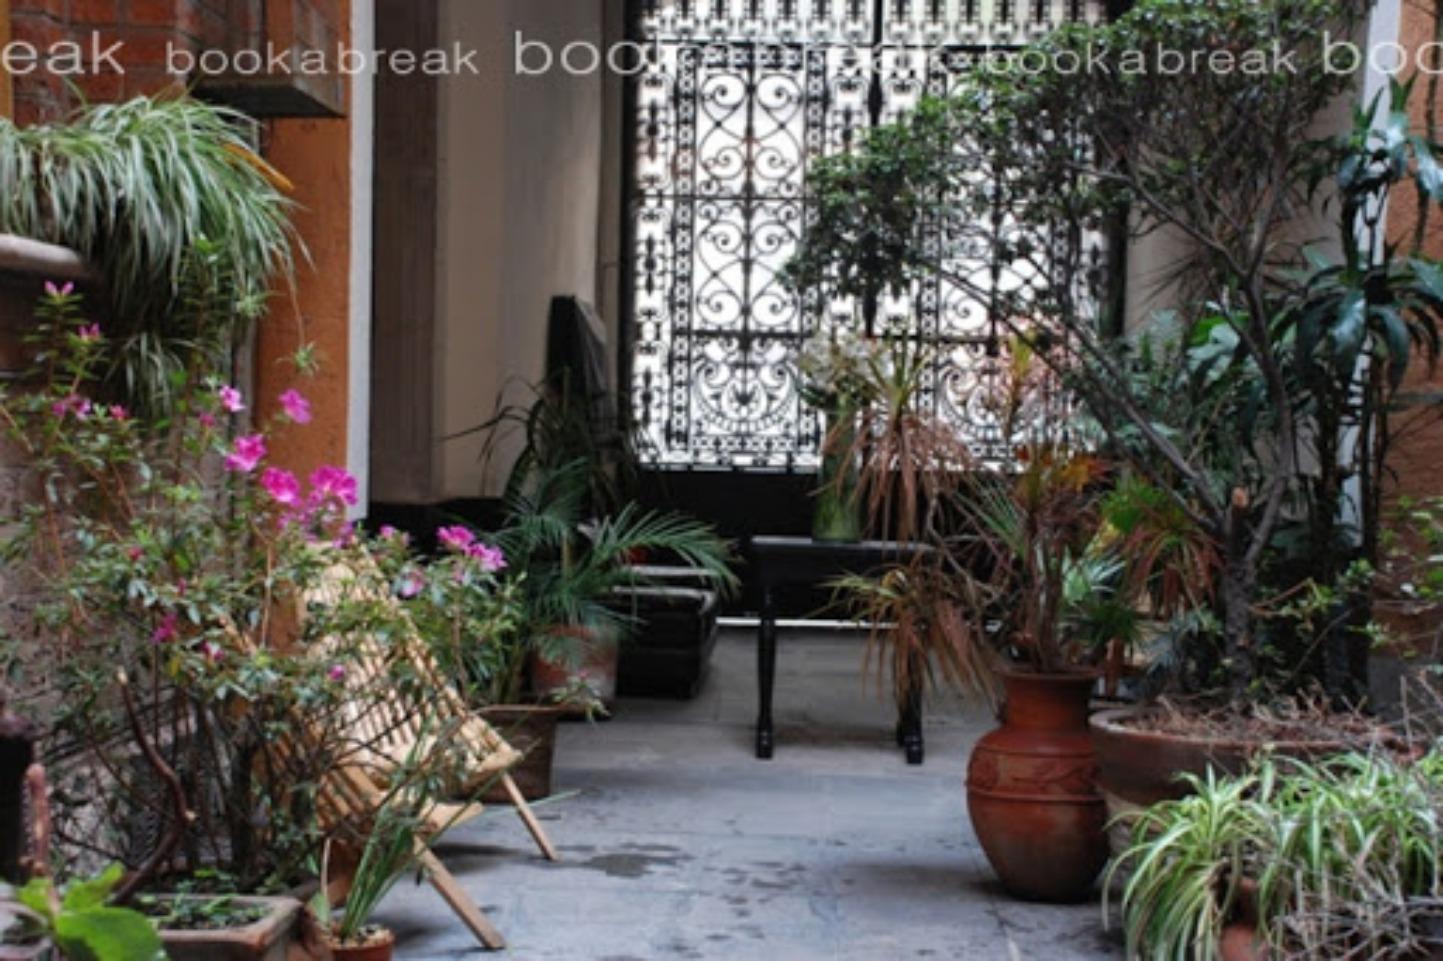 A plant in a garden at El Patio 77.